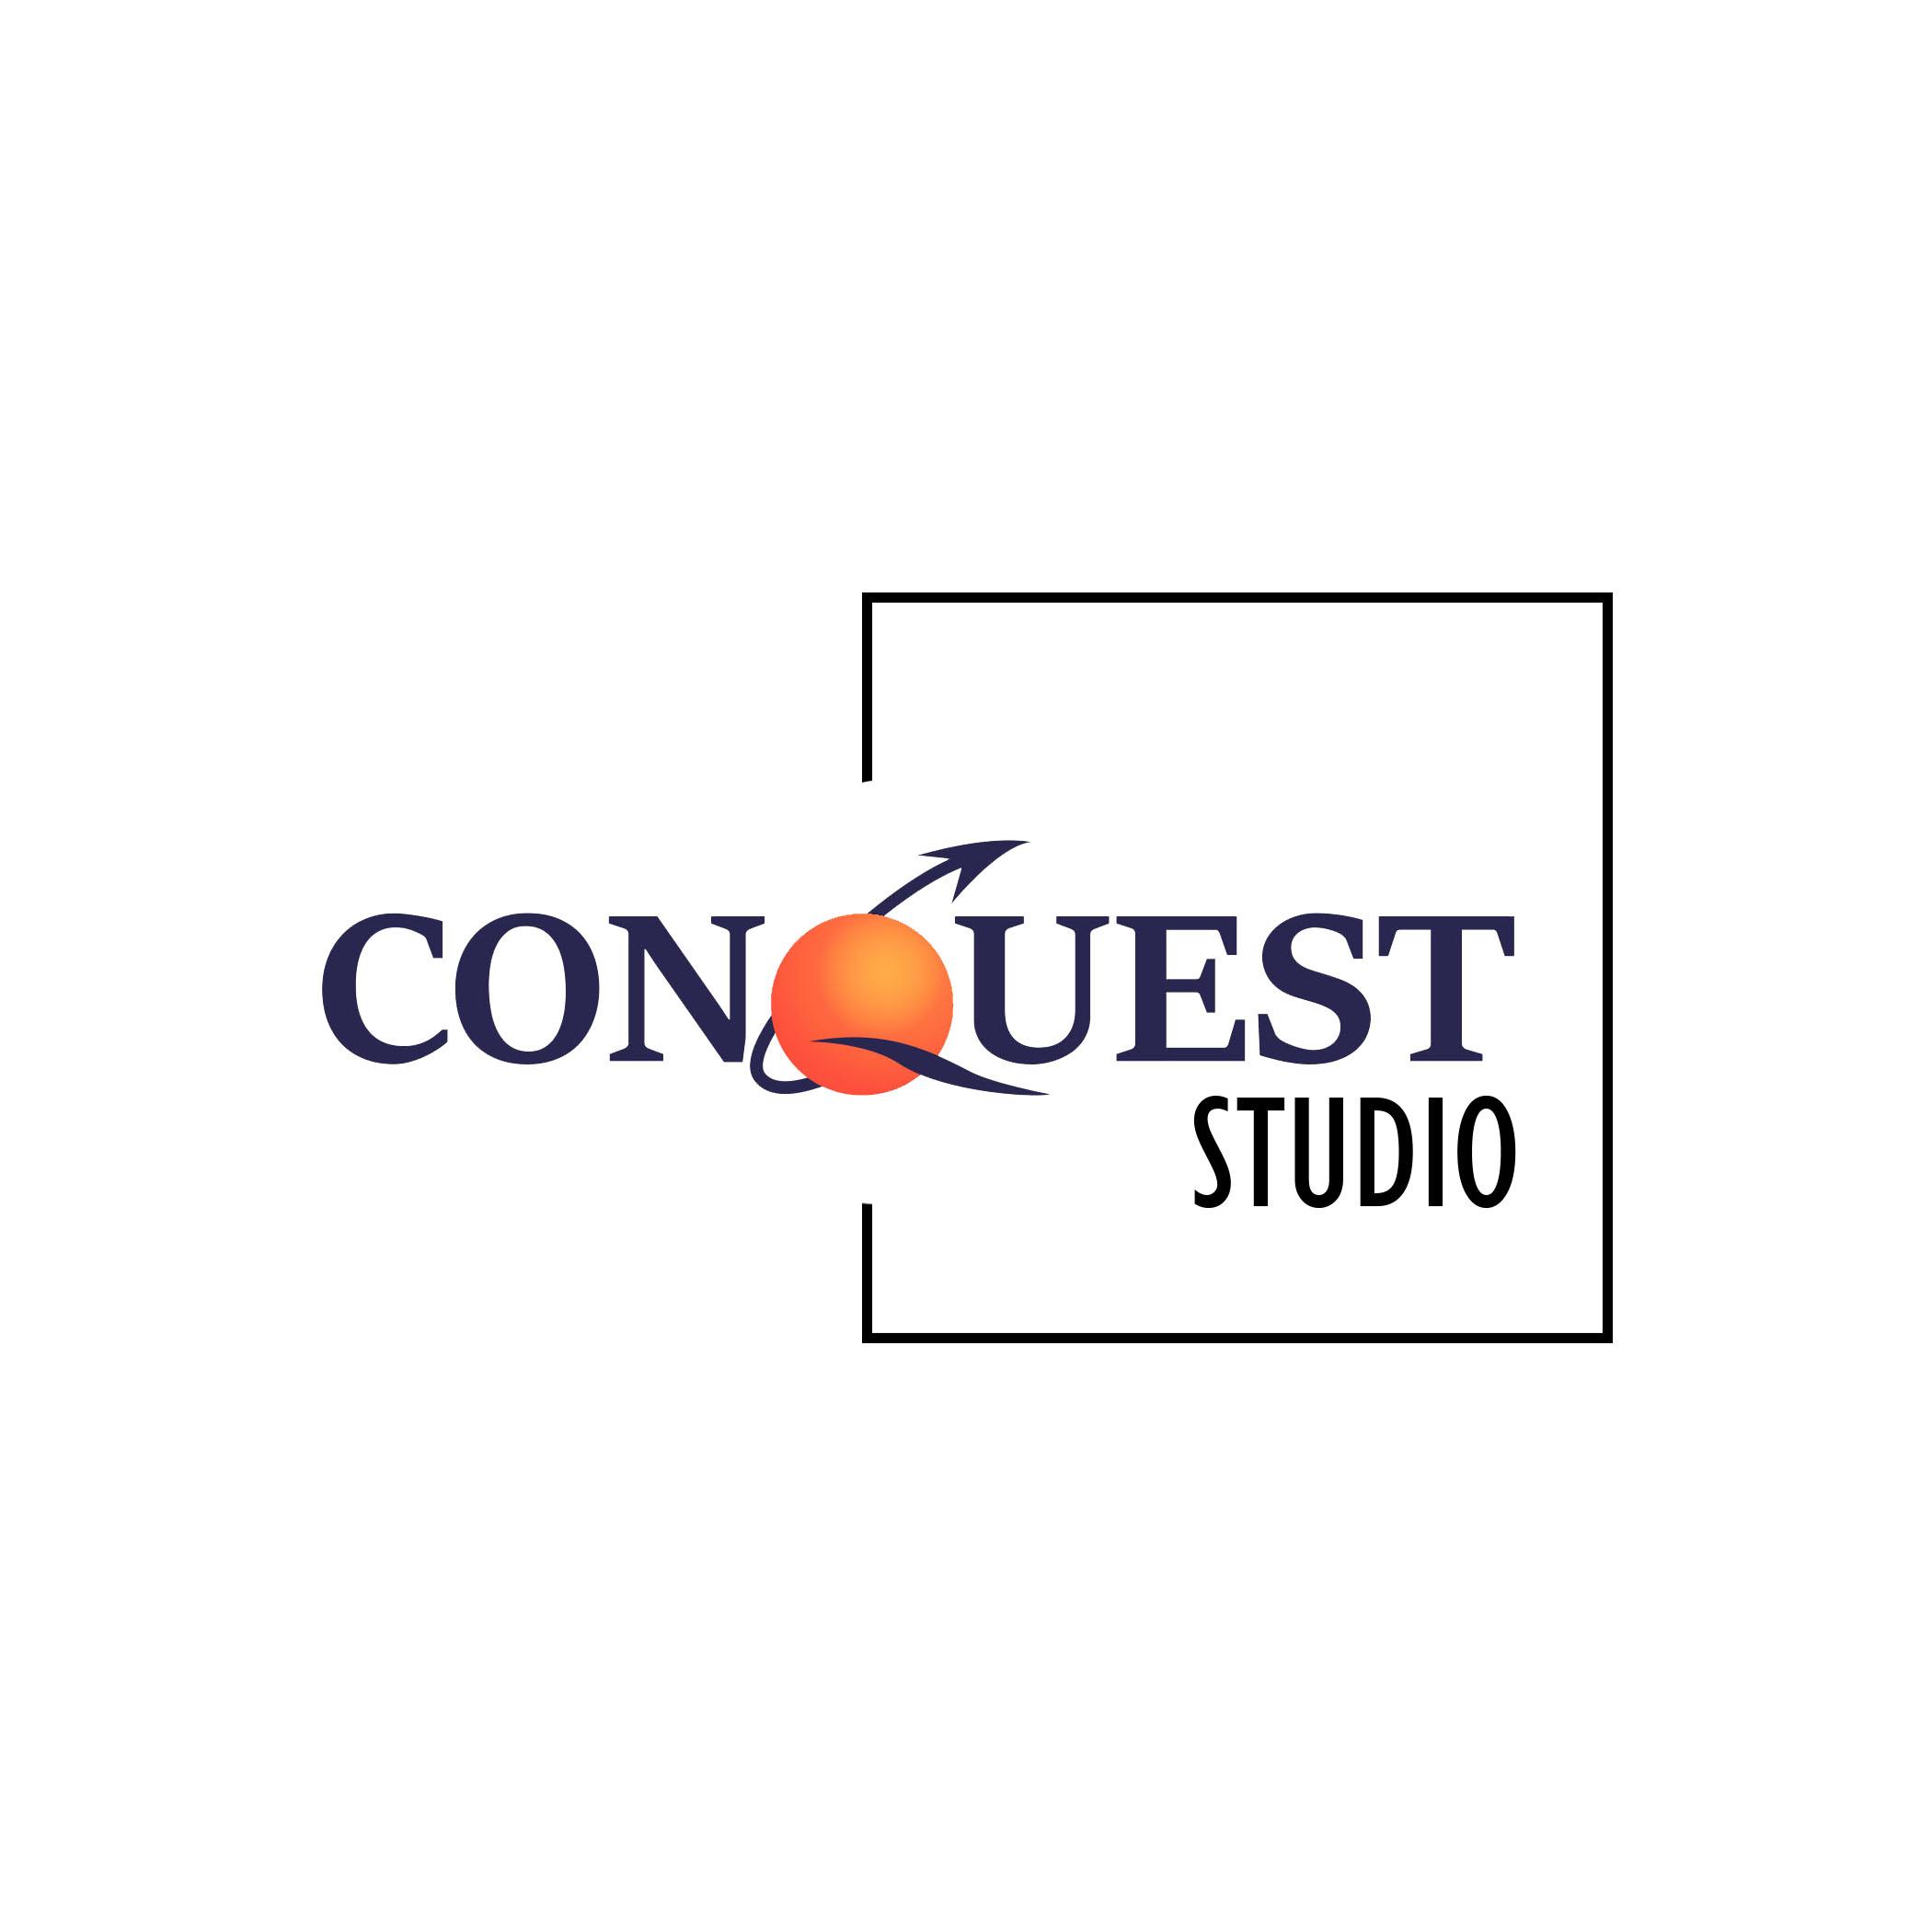 conquest-studio Logo